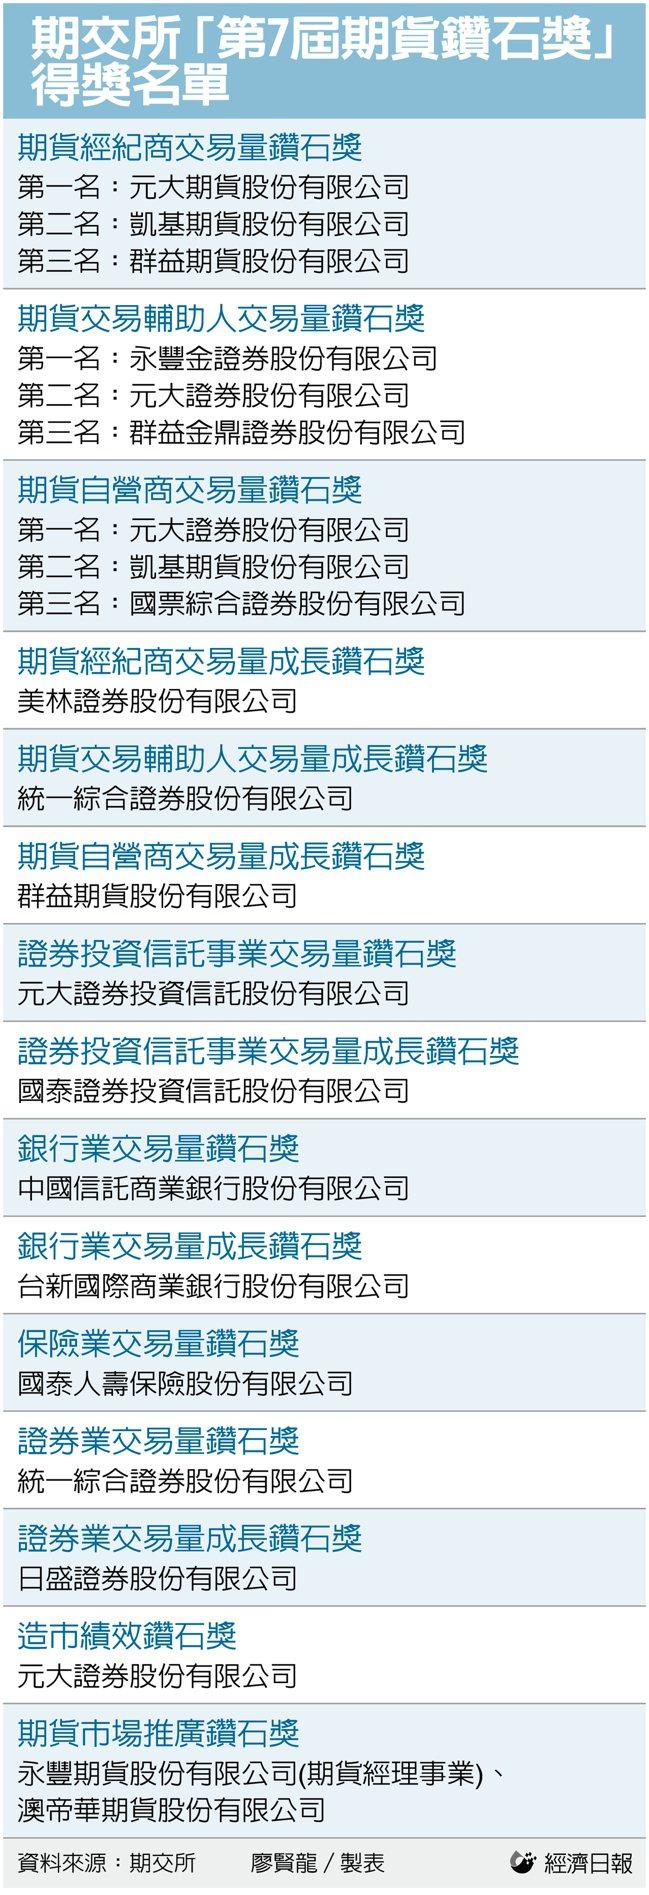 台灣期貨交易所「第7屆期貨鑽石獎」得獎名單。記者廖賢龍/製表